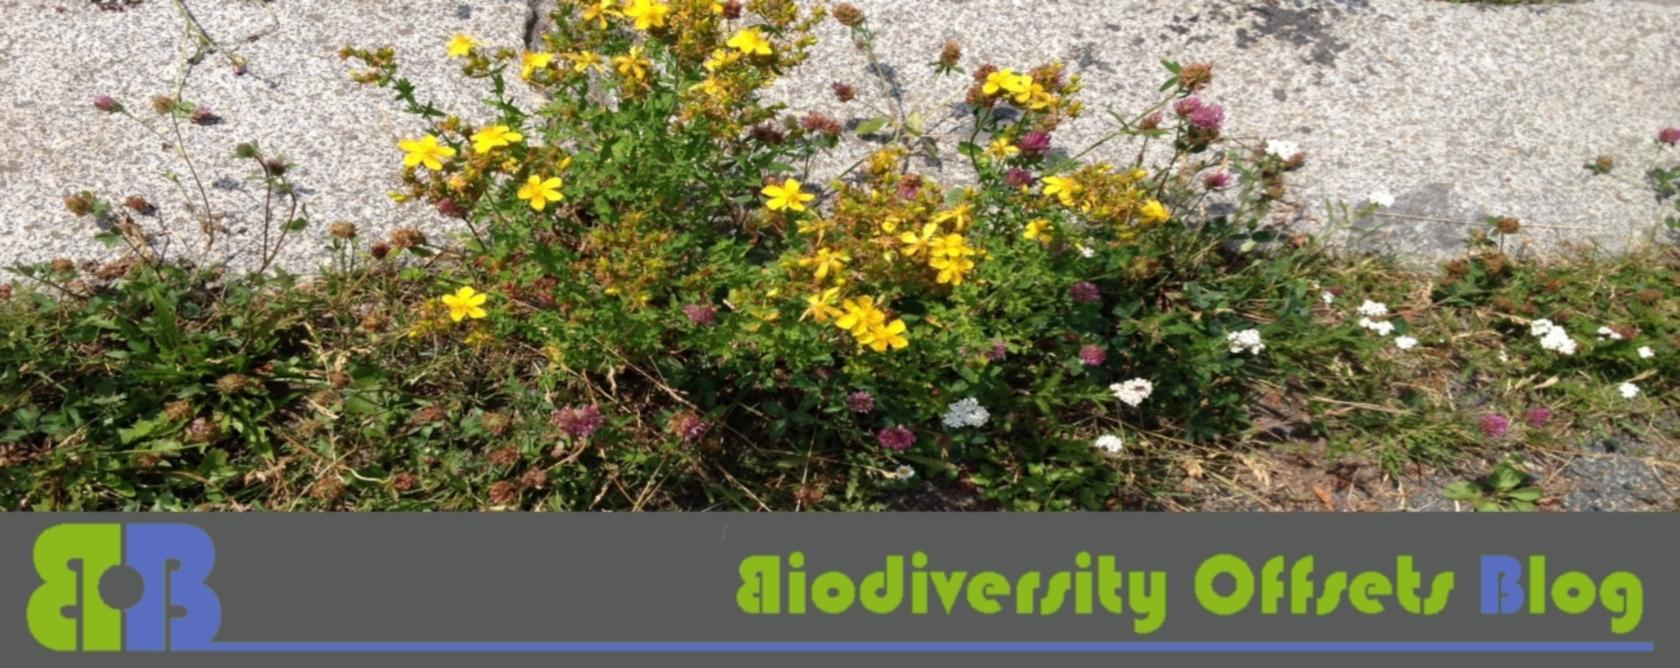 Biodiversity Offsets Blog Logo_hellgruen_blühstreifen_1680